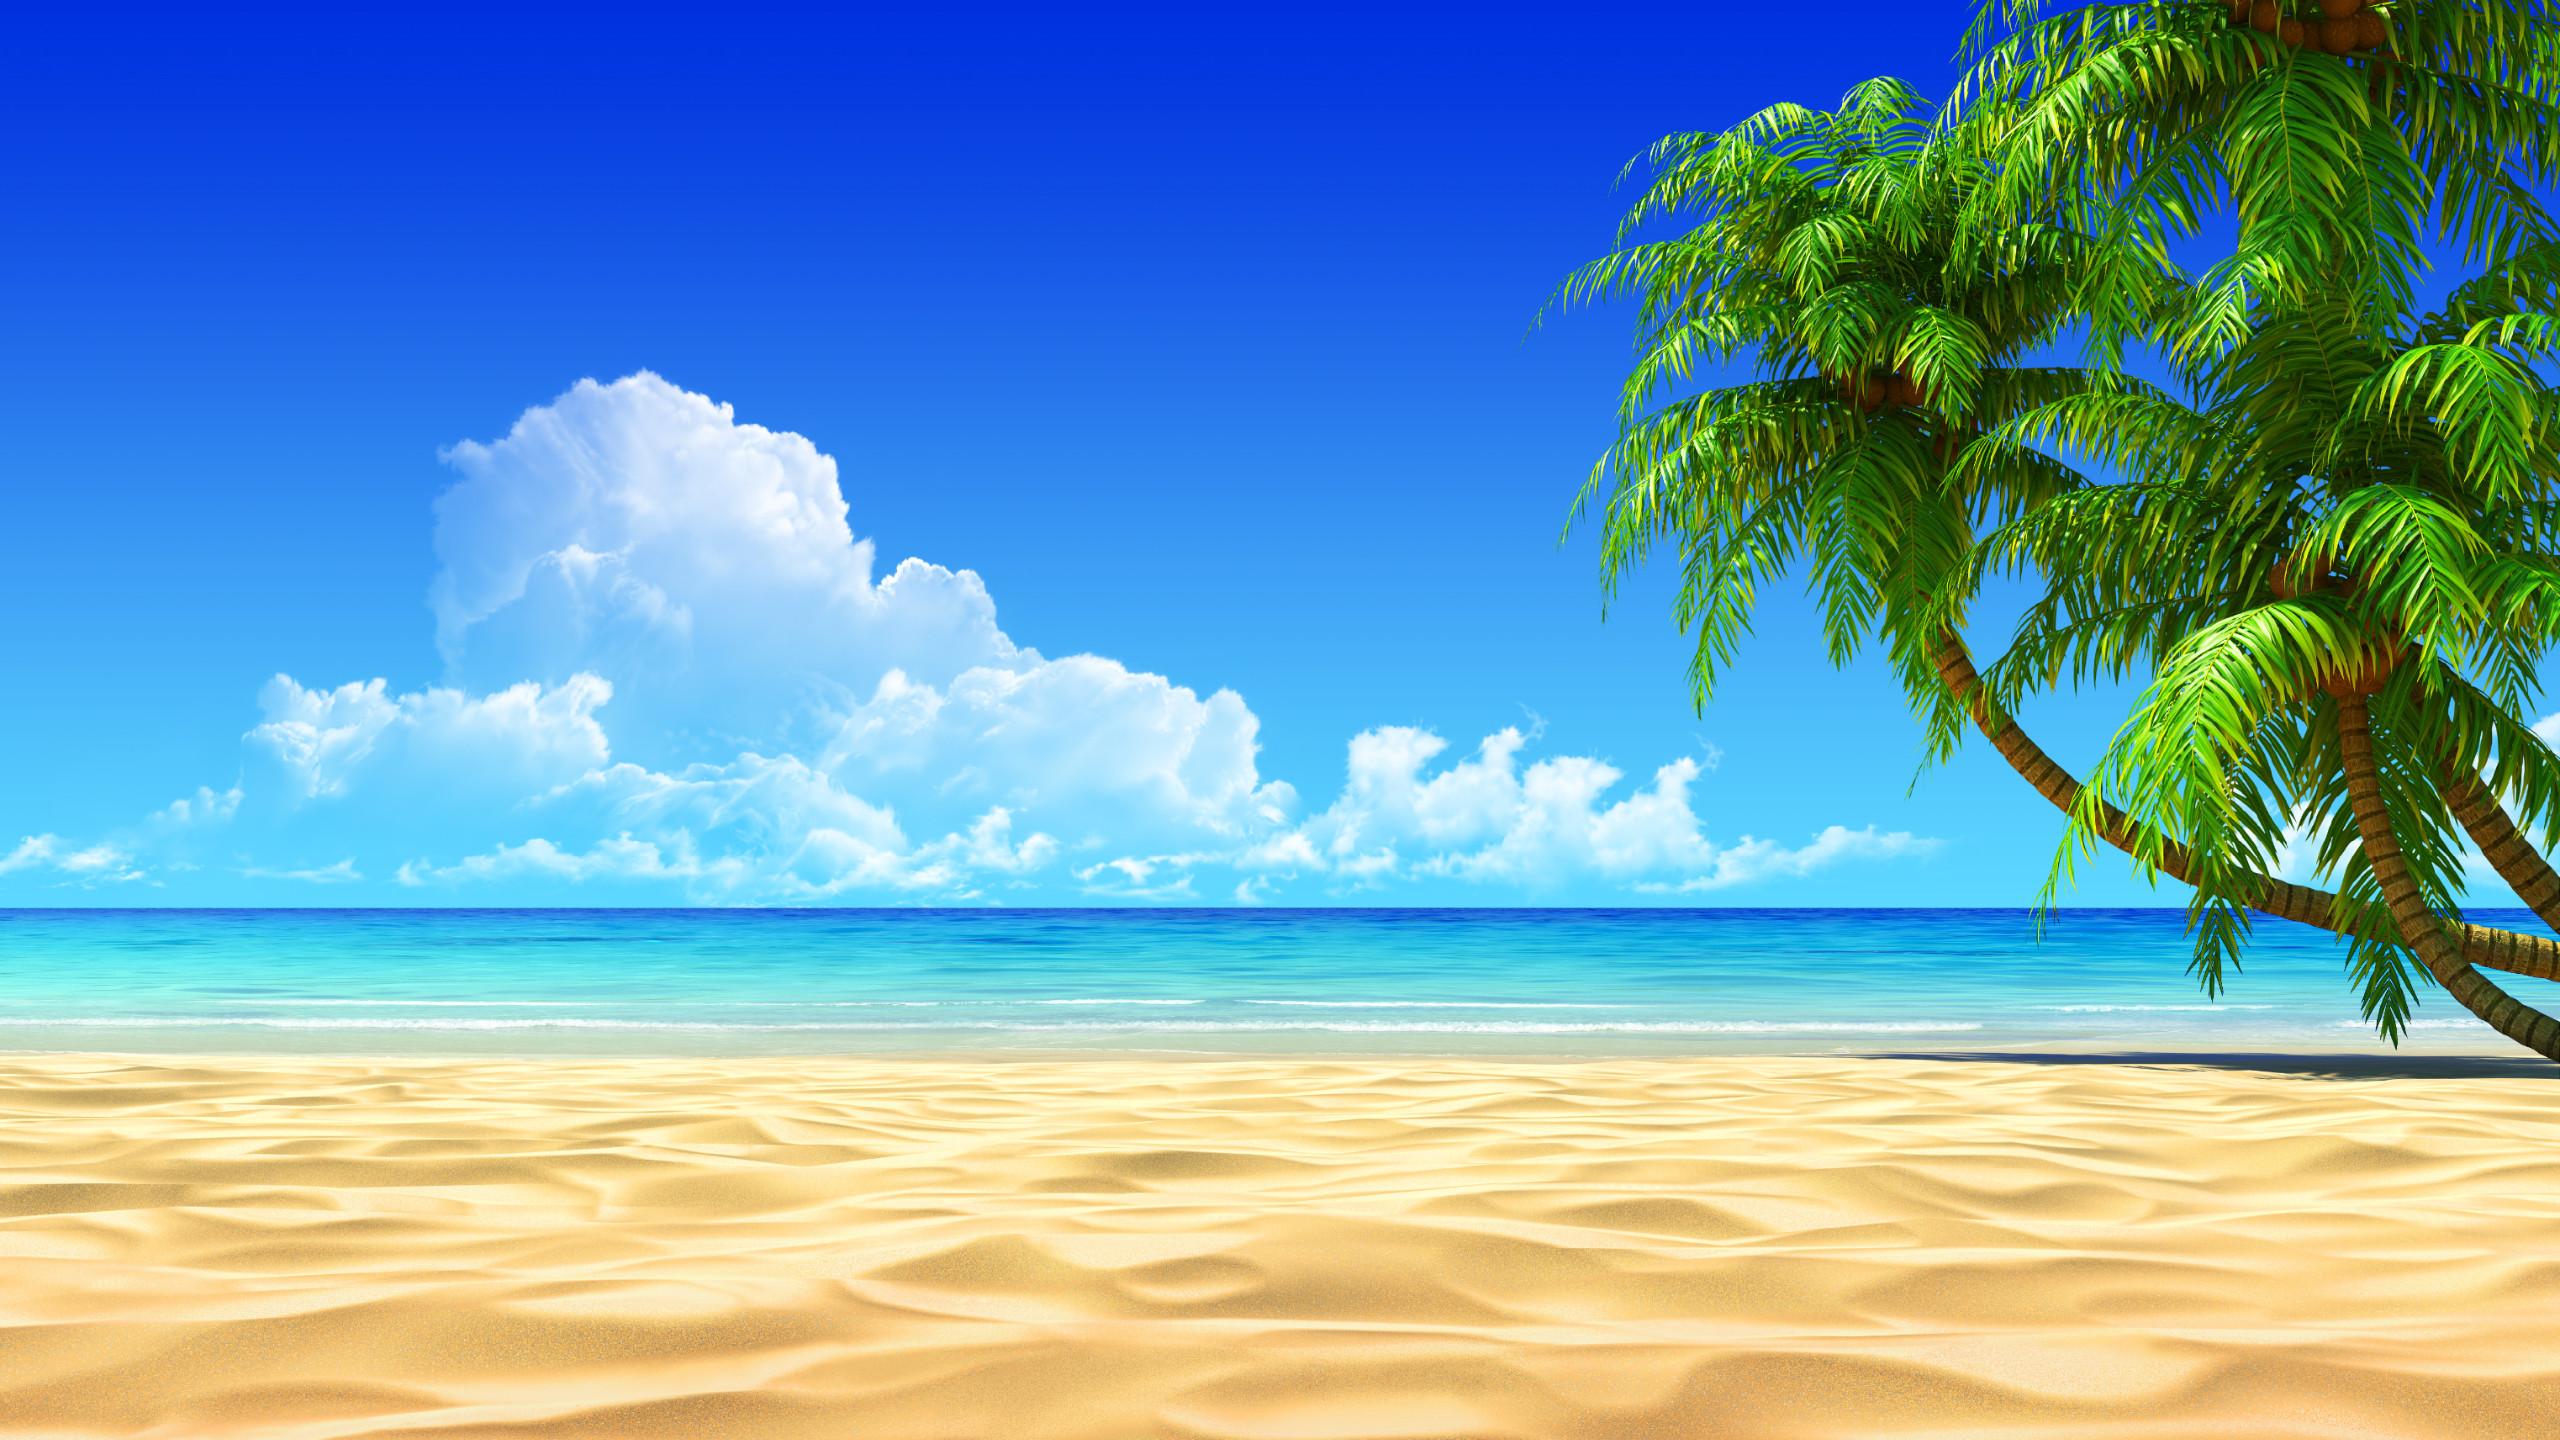 Biển xanh, cát vàng